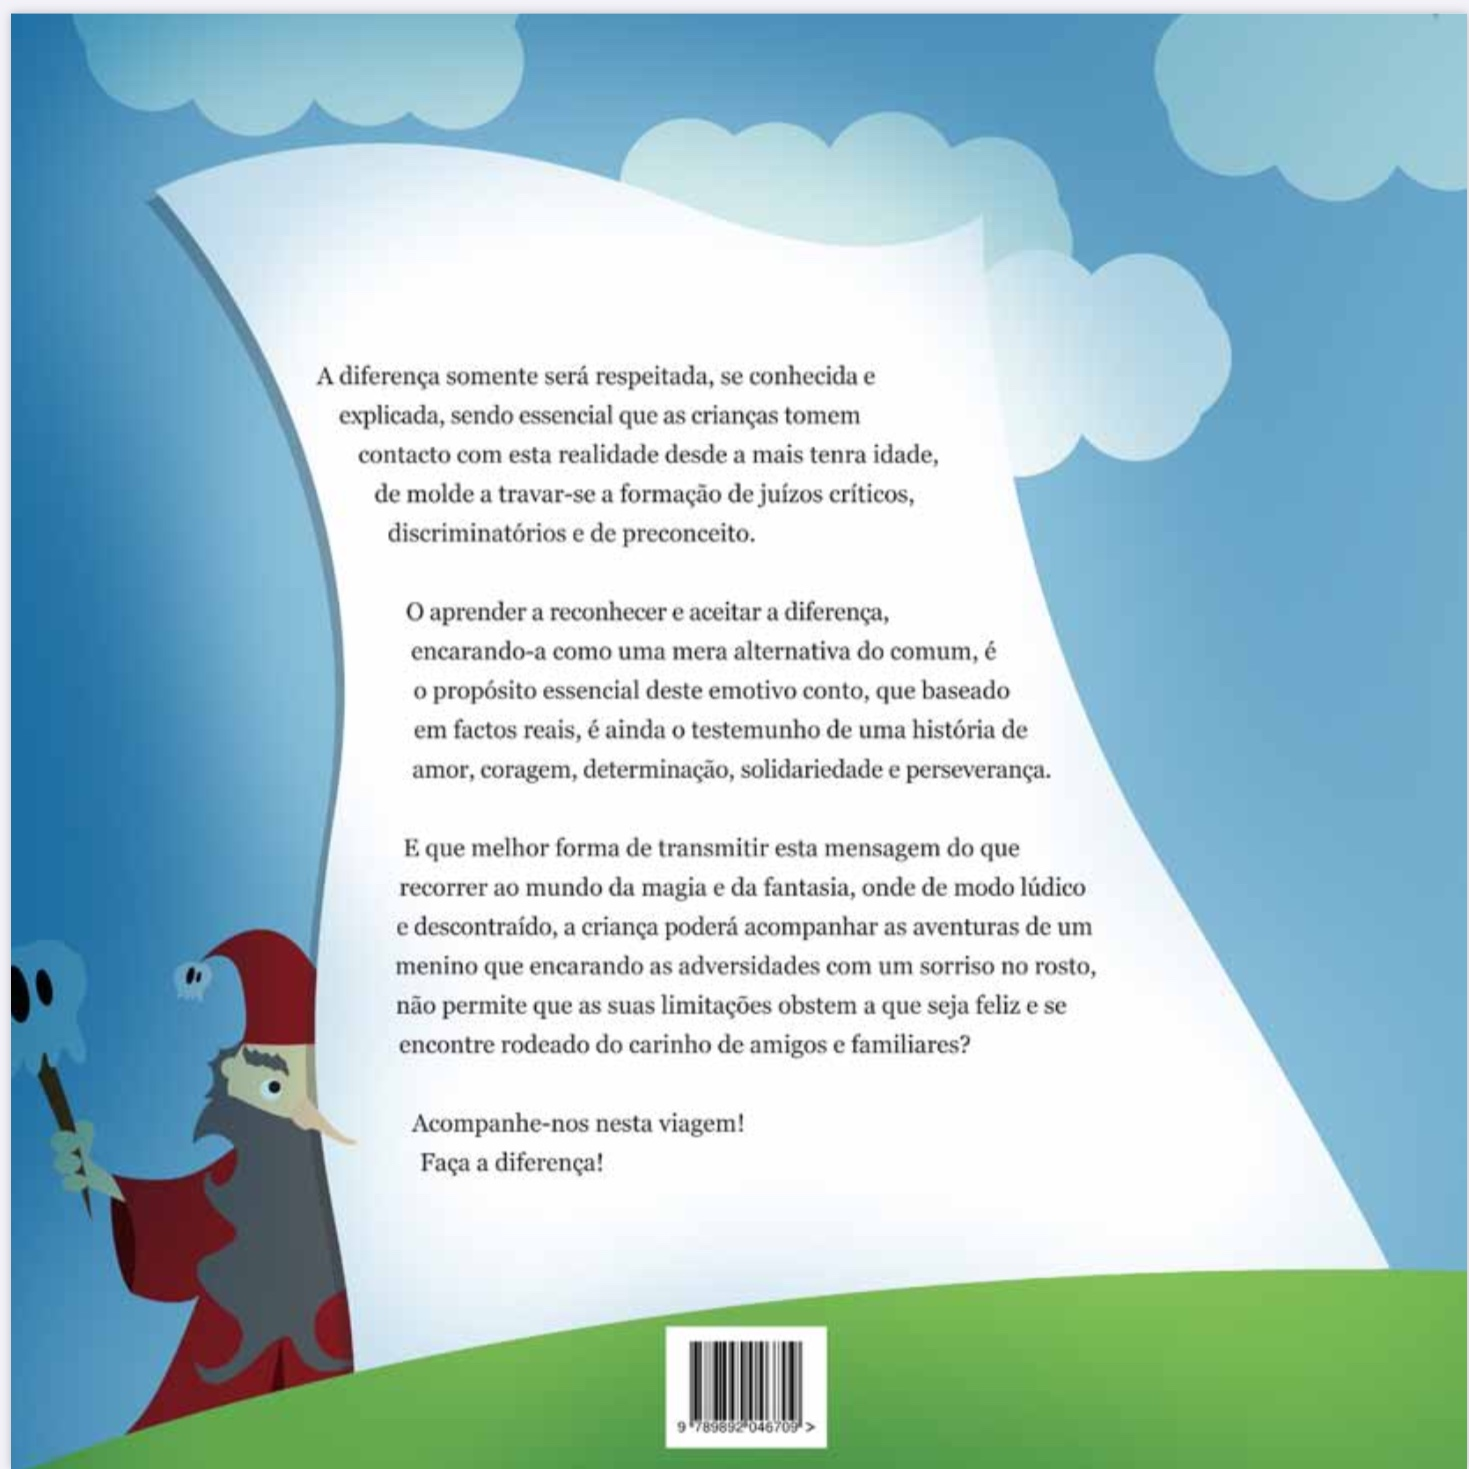 O mundo mágico de Mateus - o livro